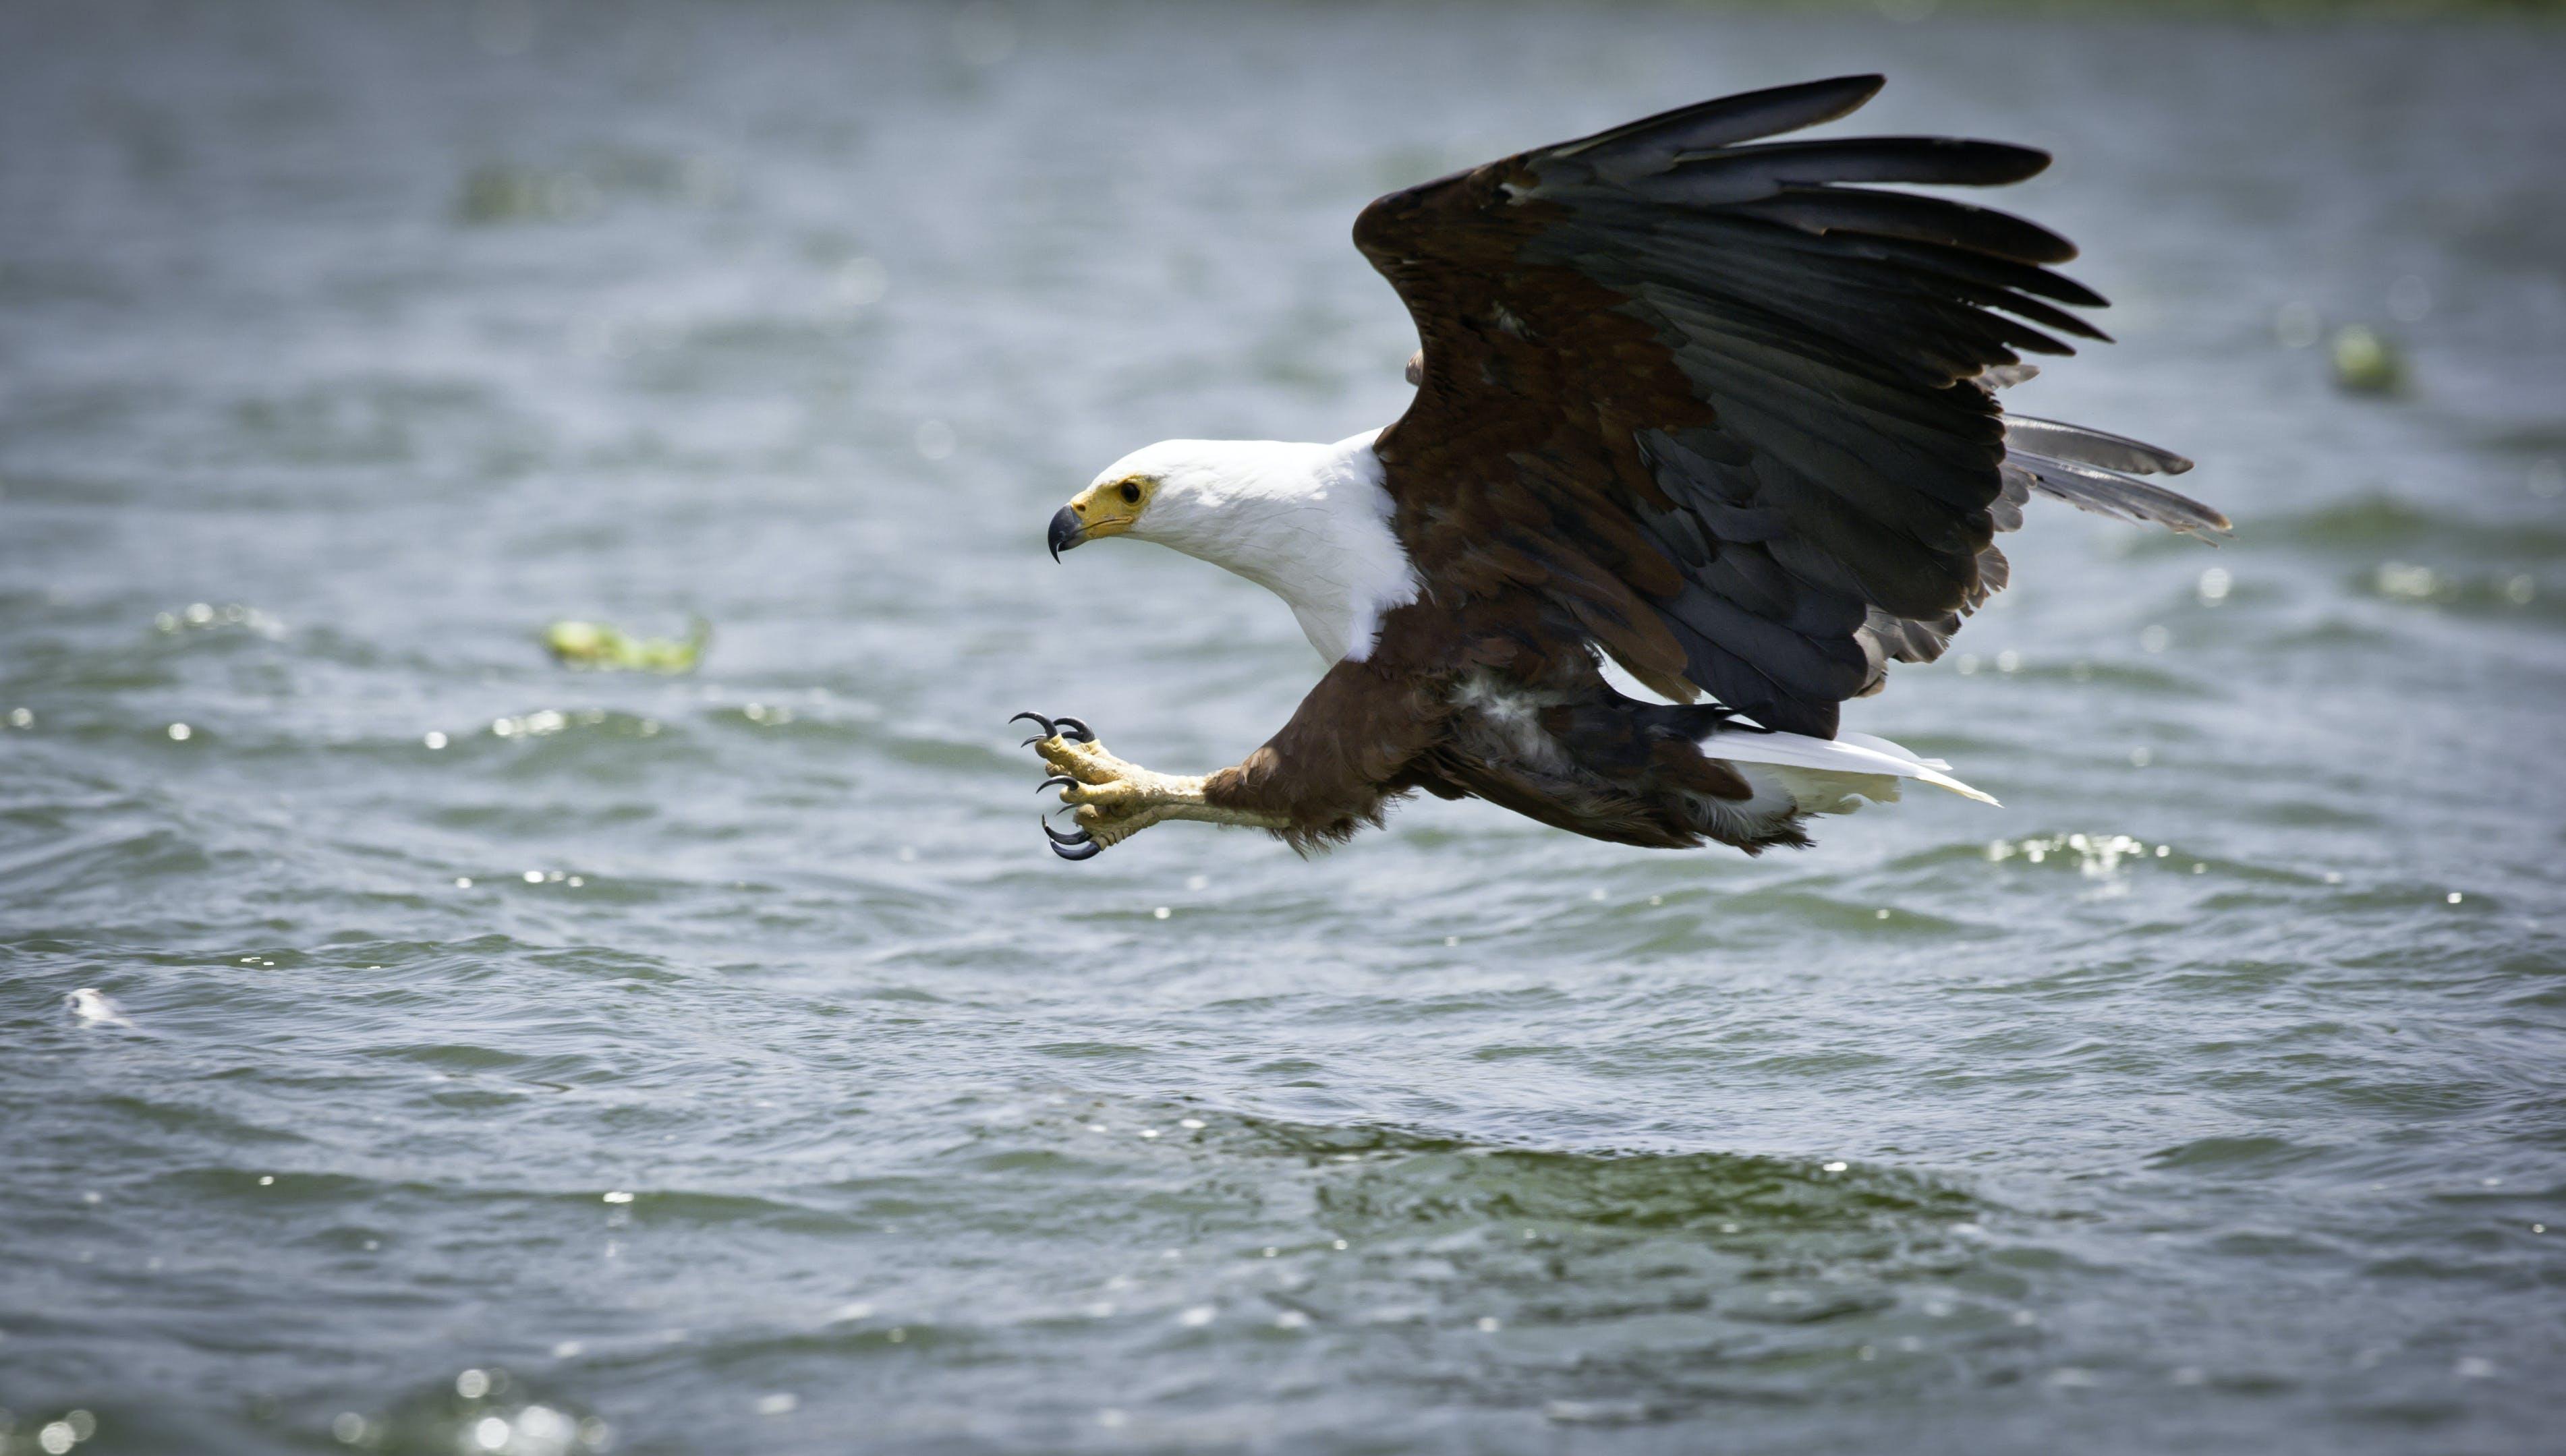 Δωρεάν στοκ φωτογραφιών με άγρια φύση, άγριος, αετός, αρπακτικό πουλί